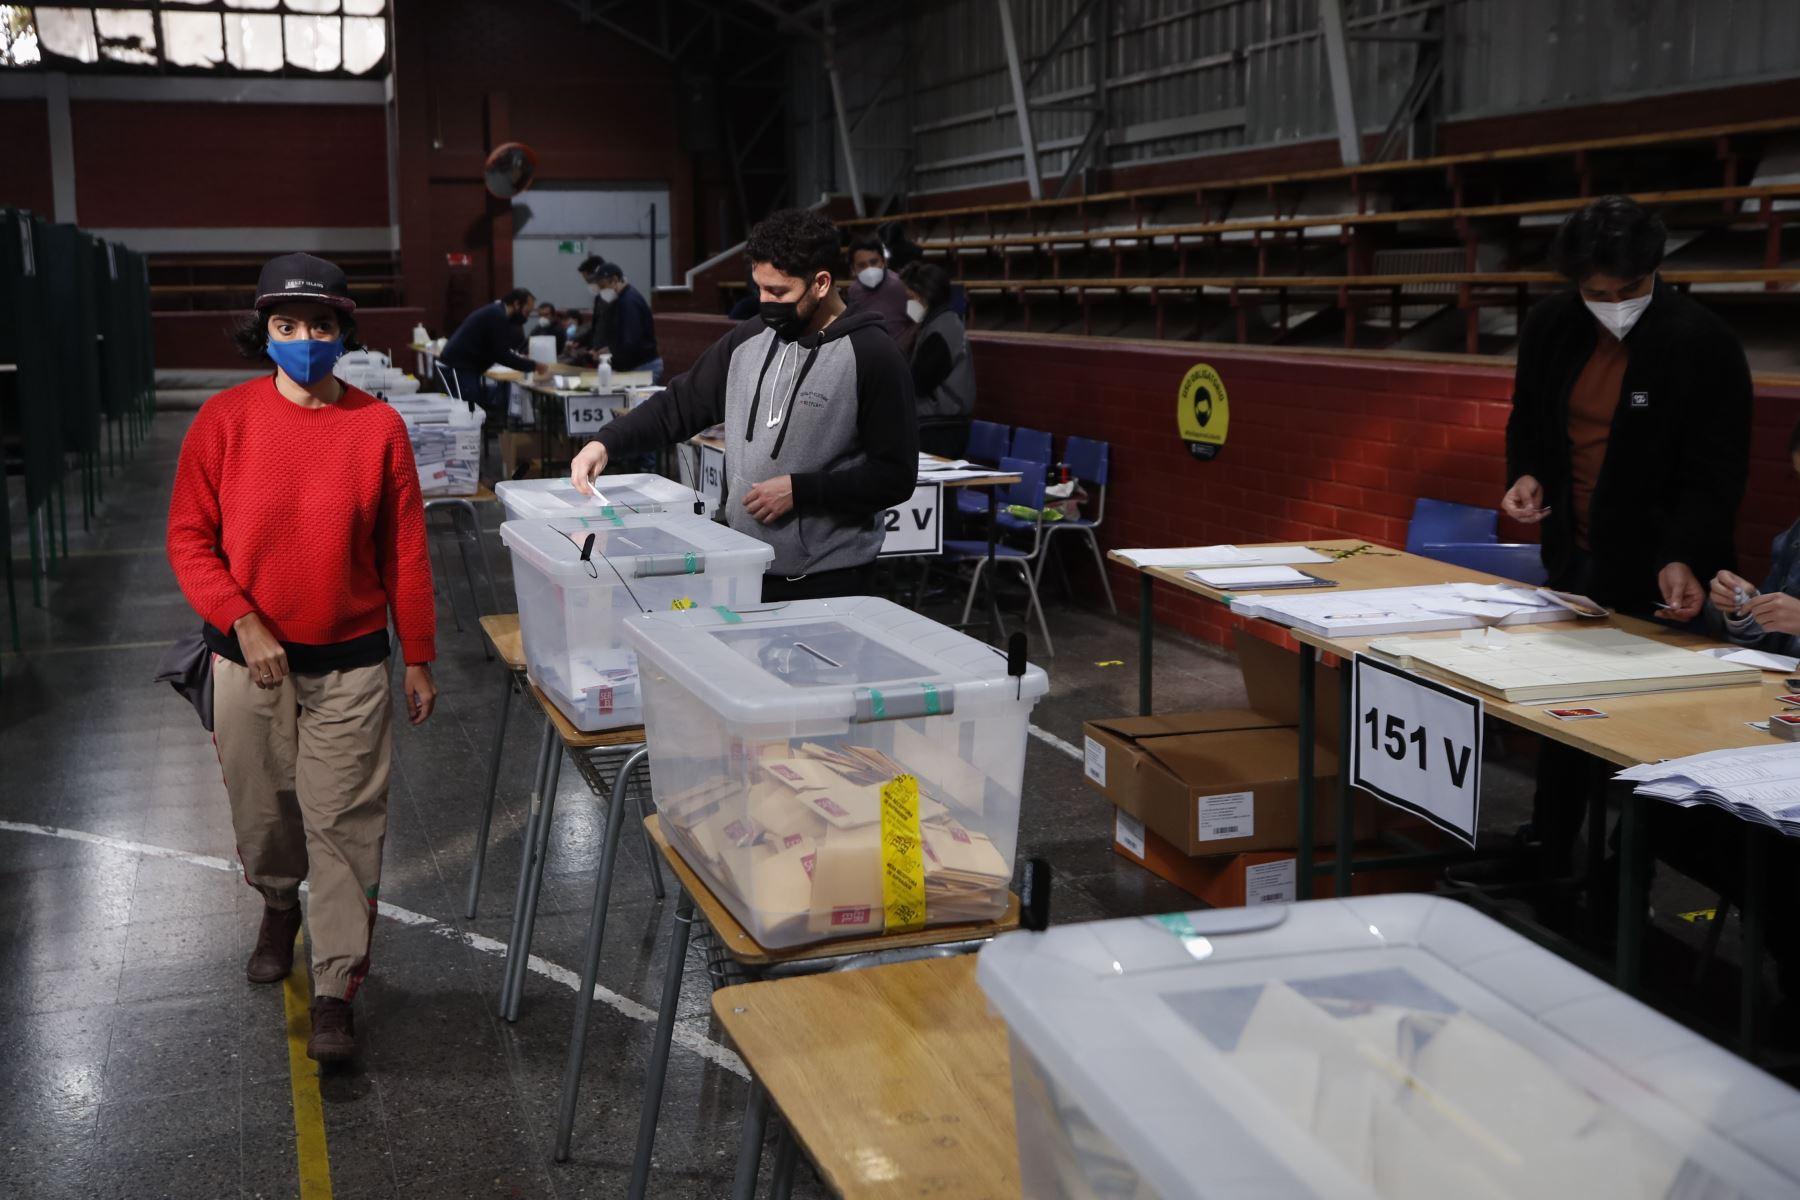 Ciudadanos llegan a un puesto de votación , durante las elecciones locales y constituyentes, en el Liceo Carmela Carvajal, en la comuna de Providencia, en Santiago de Chile. Foto: AFP